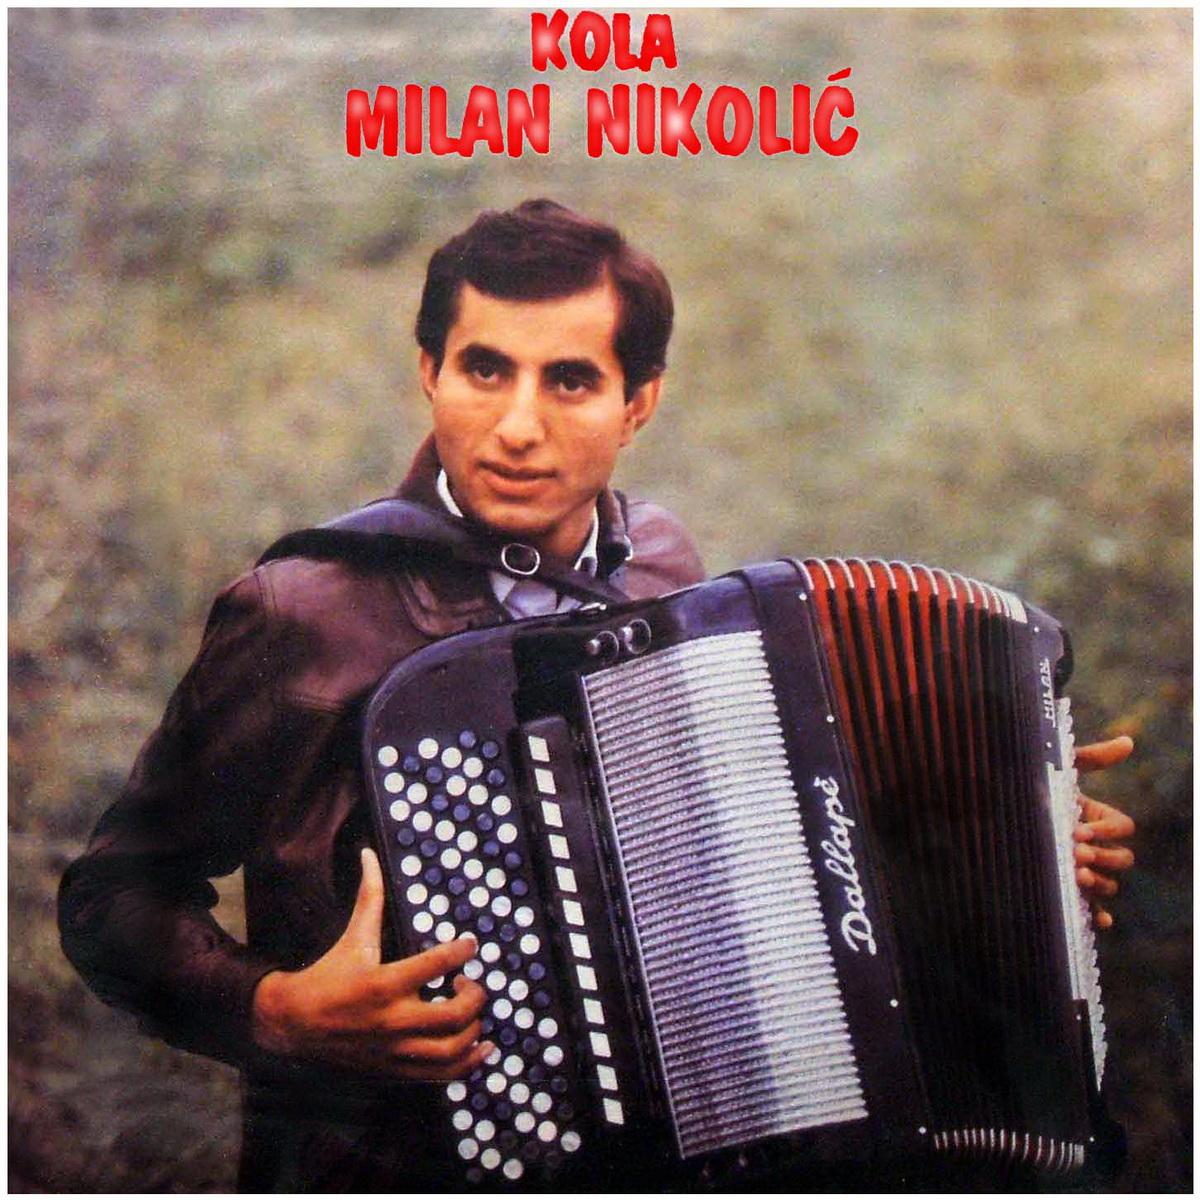 MUZIKA BALKANA - BALKAN MUSIC: MILAN NIKOLIĆ STUBLINAC - Kola